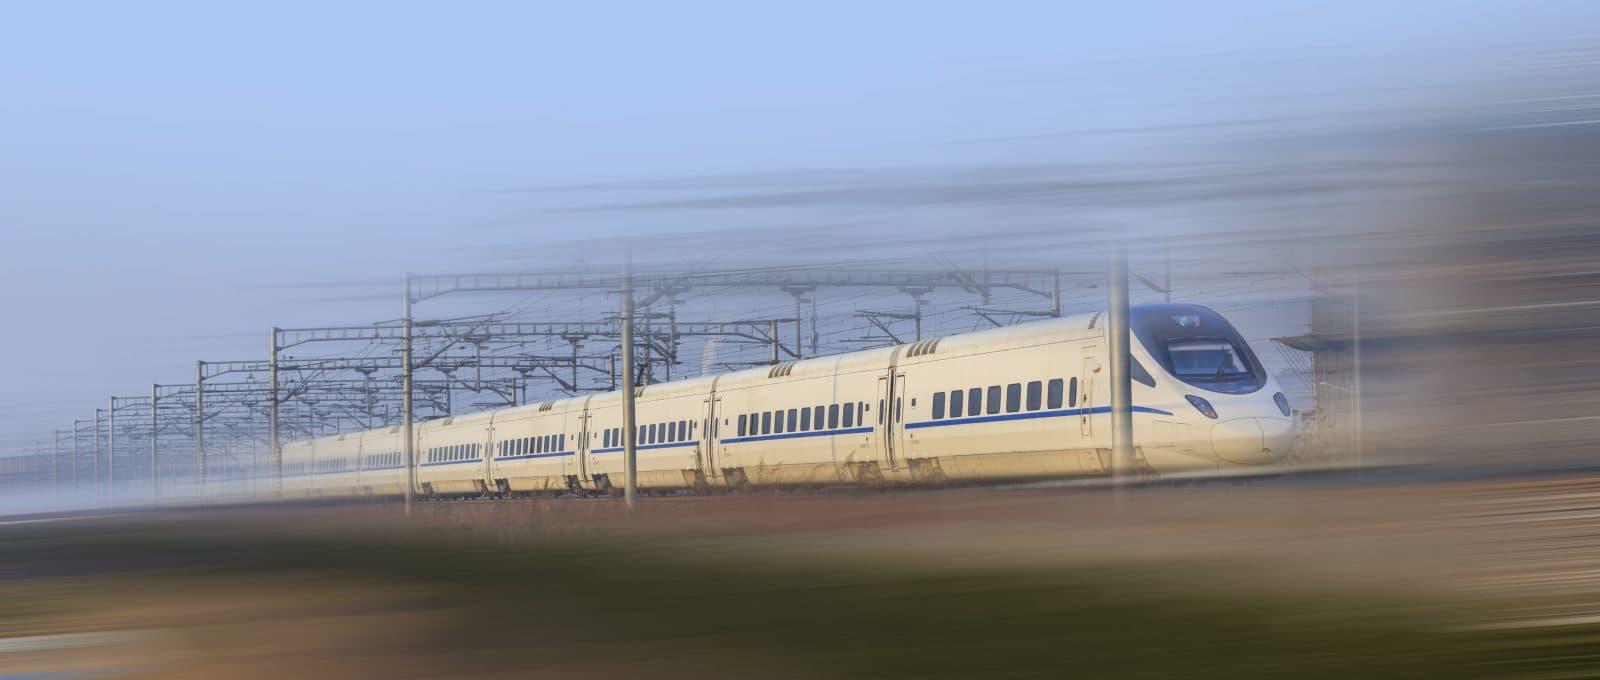 Stadler véhicule ferroviaire